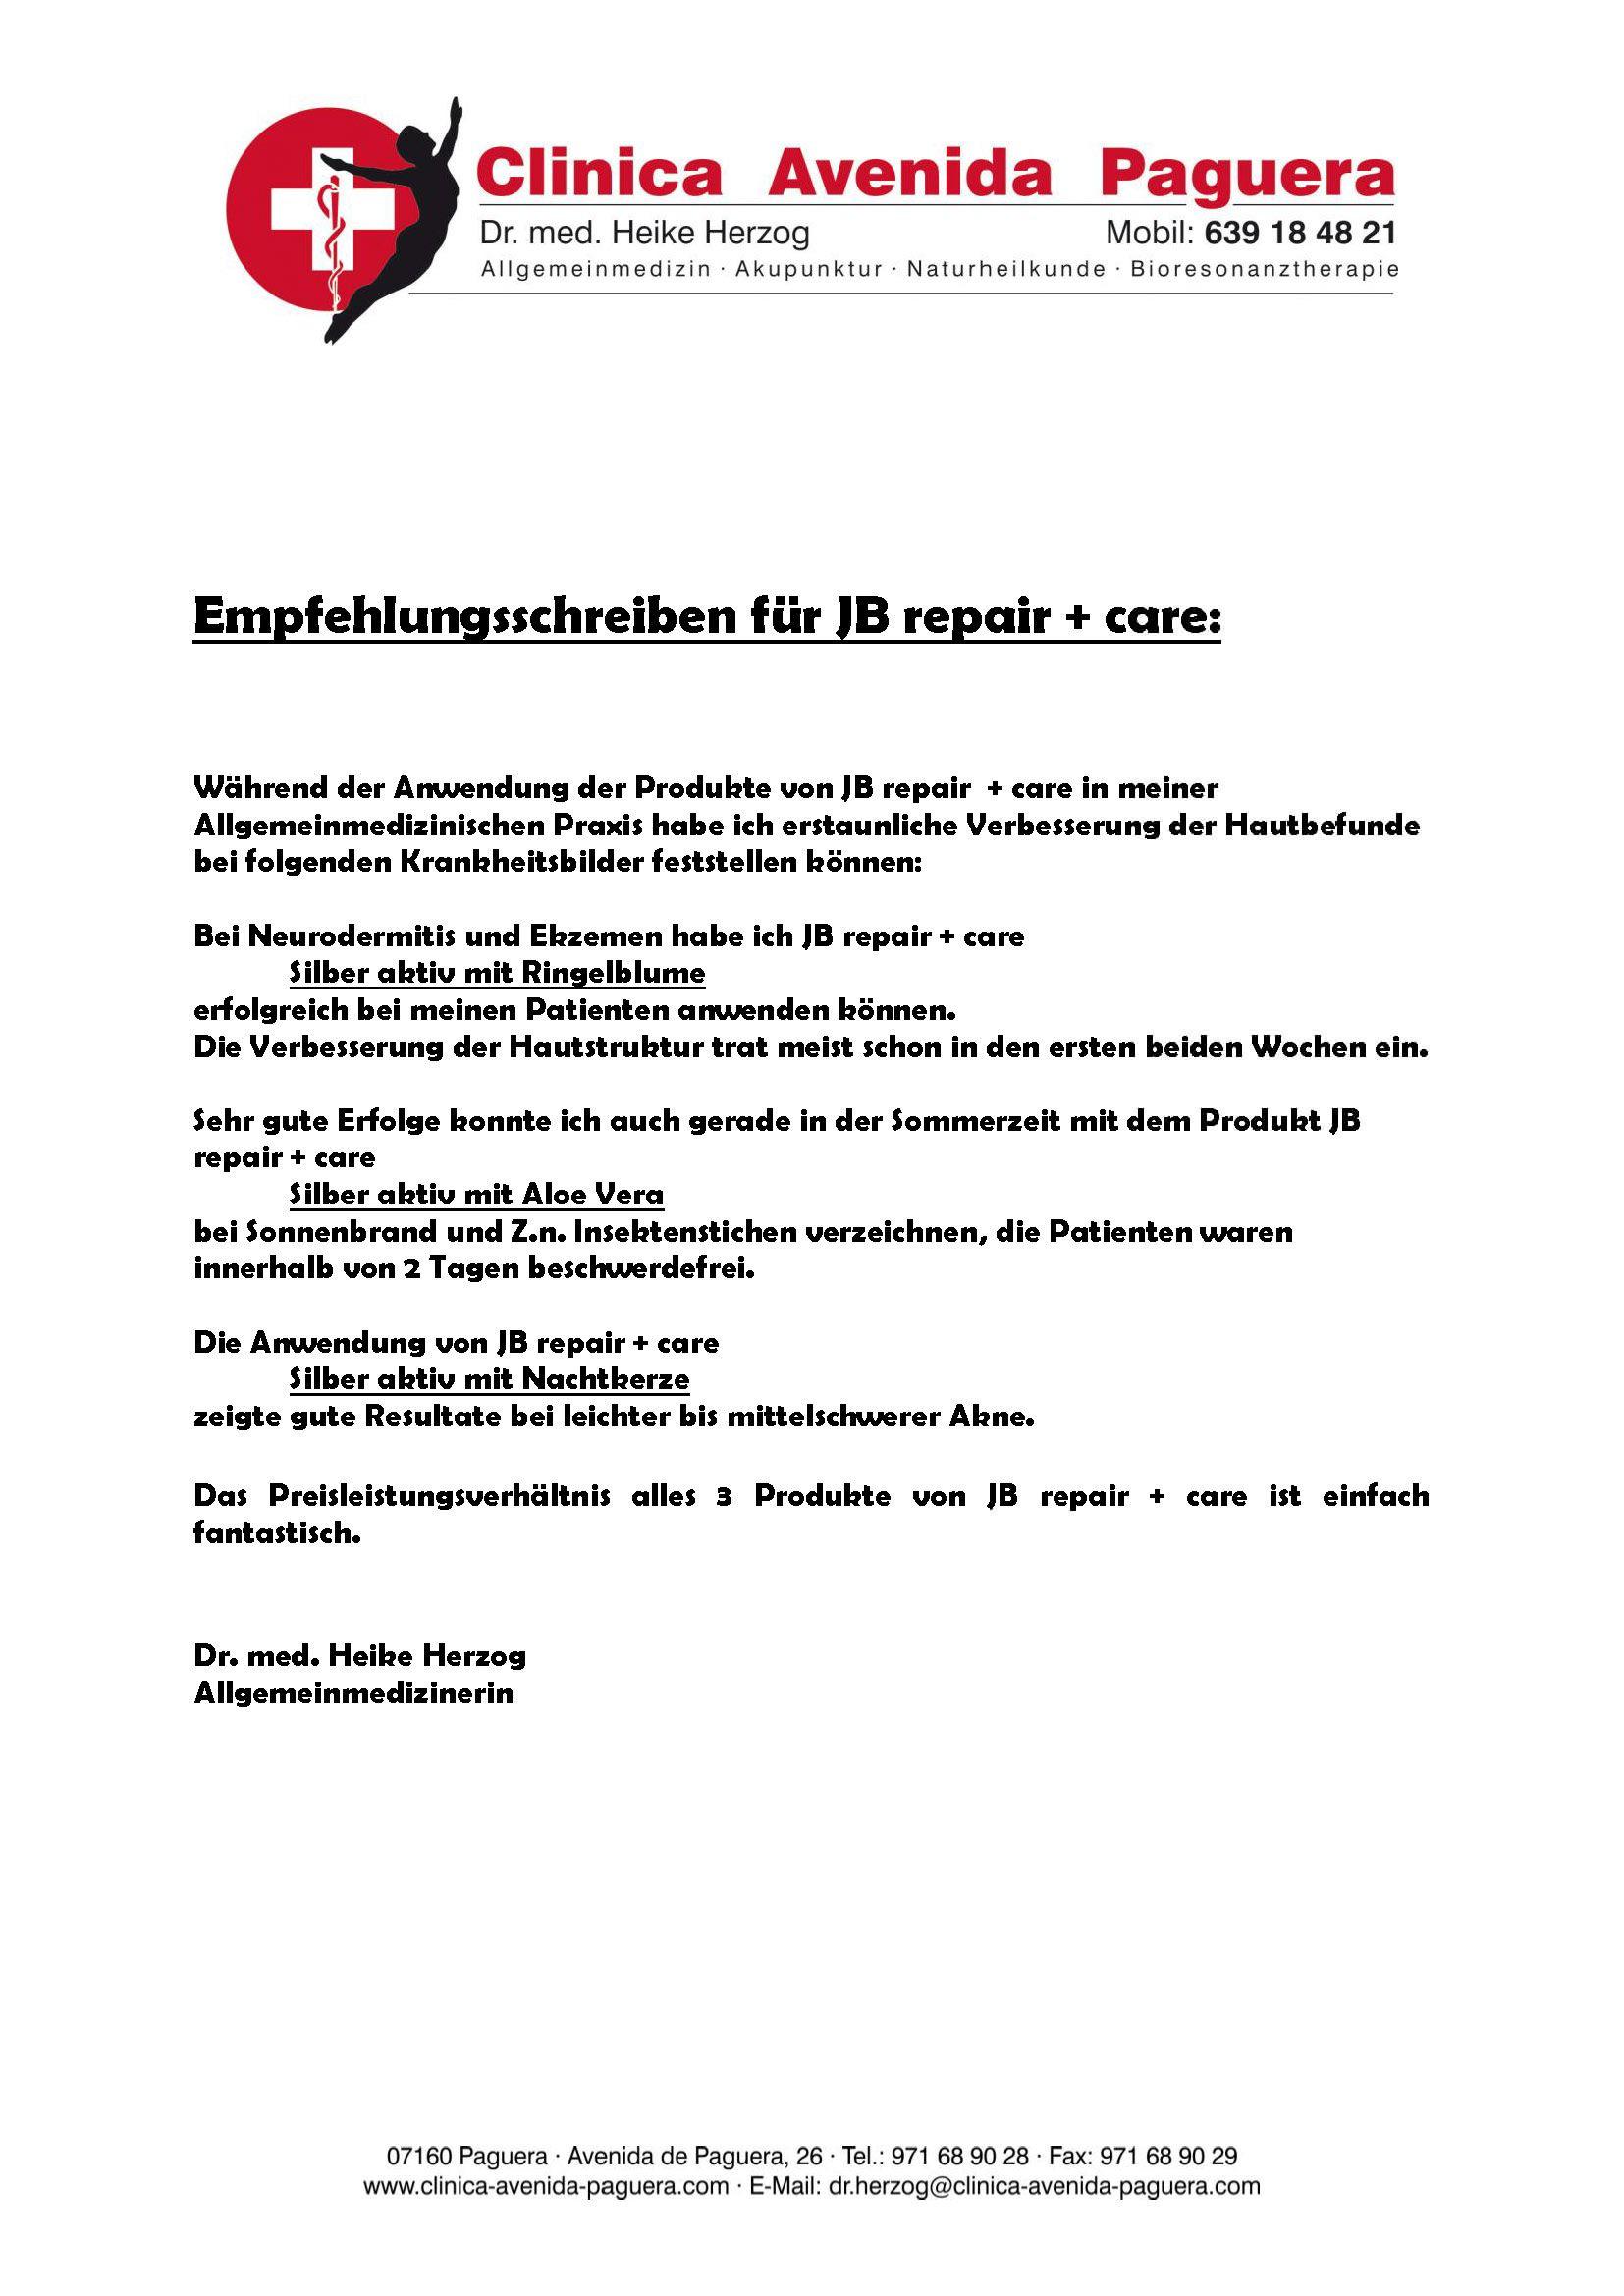 Empfehlungsschreiben für JB repair + care Hautcreme ...